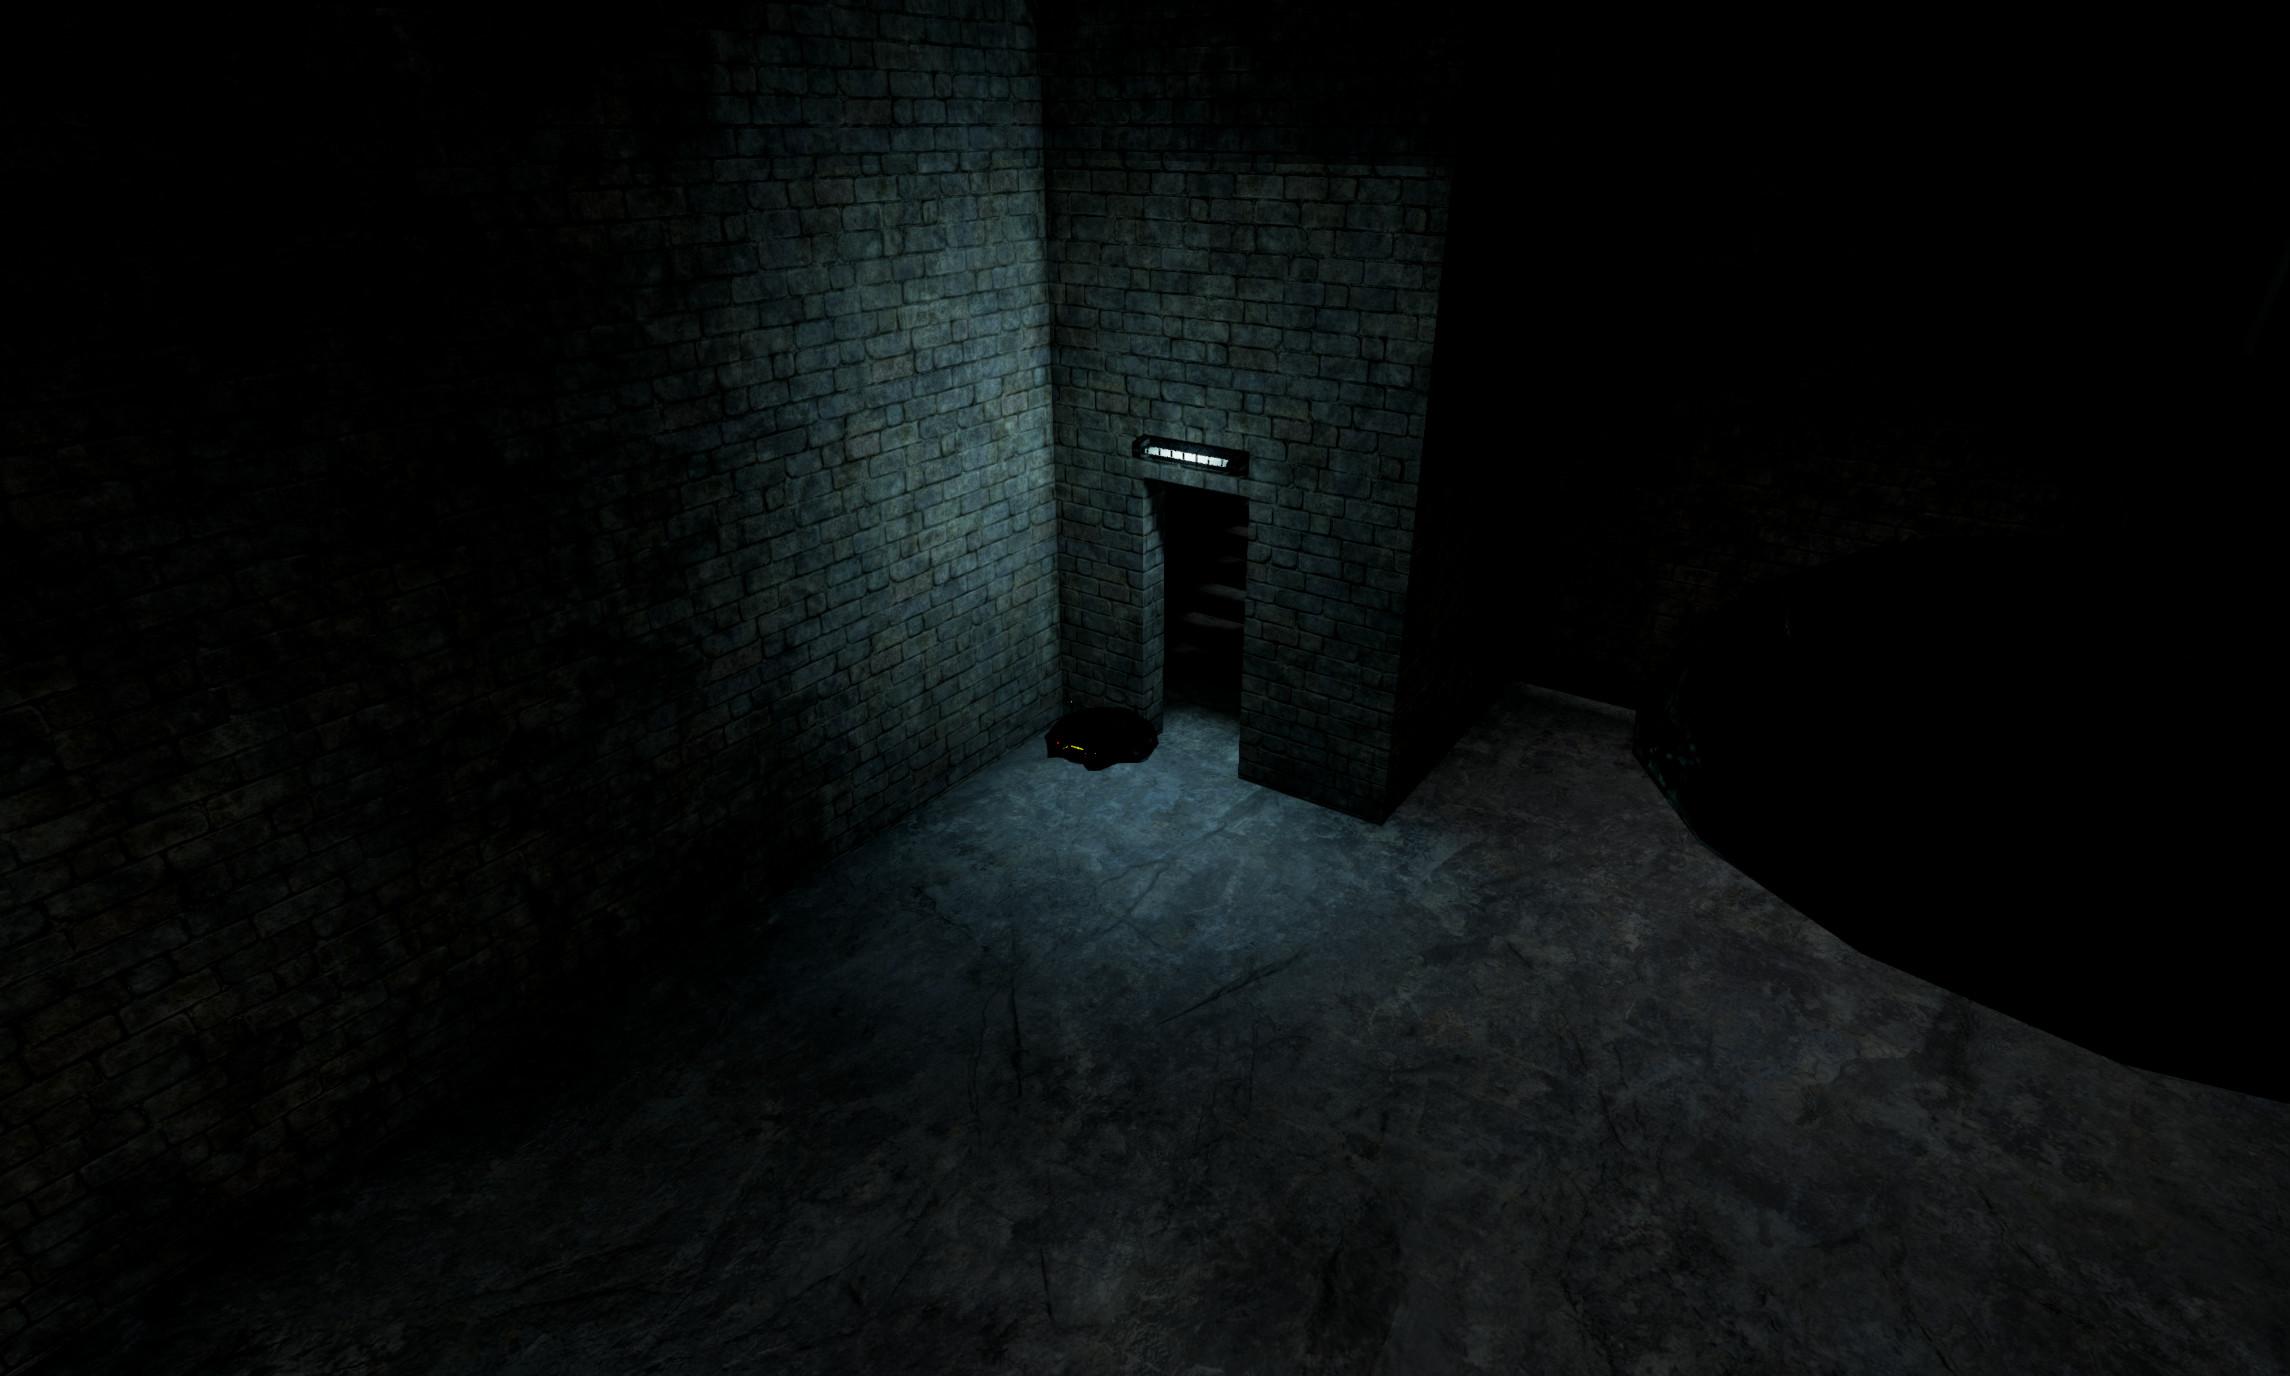 FILE 9 screenshot